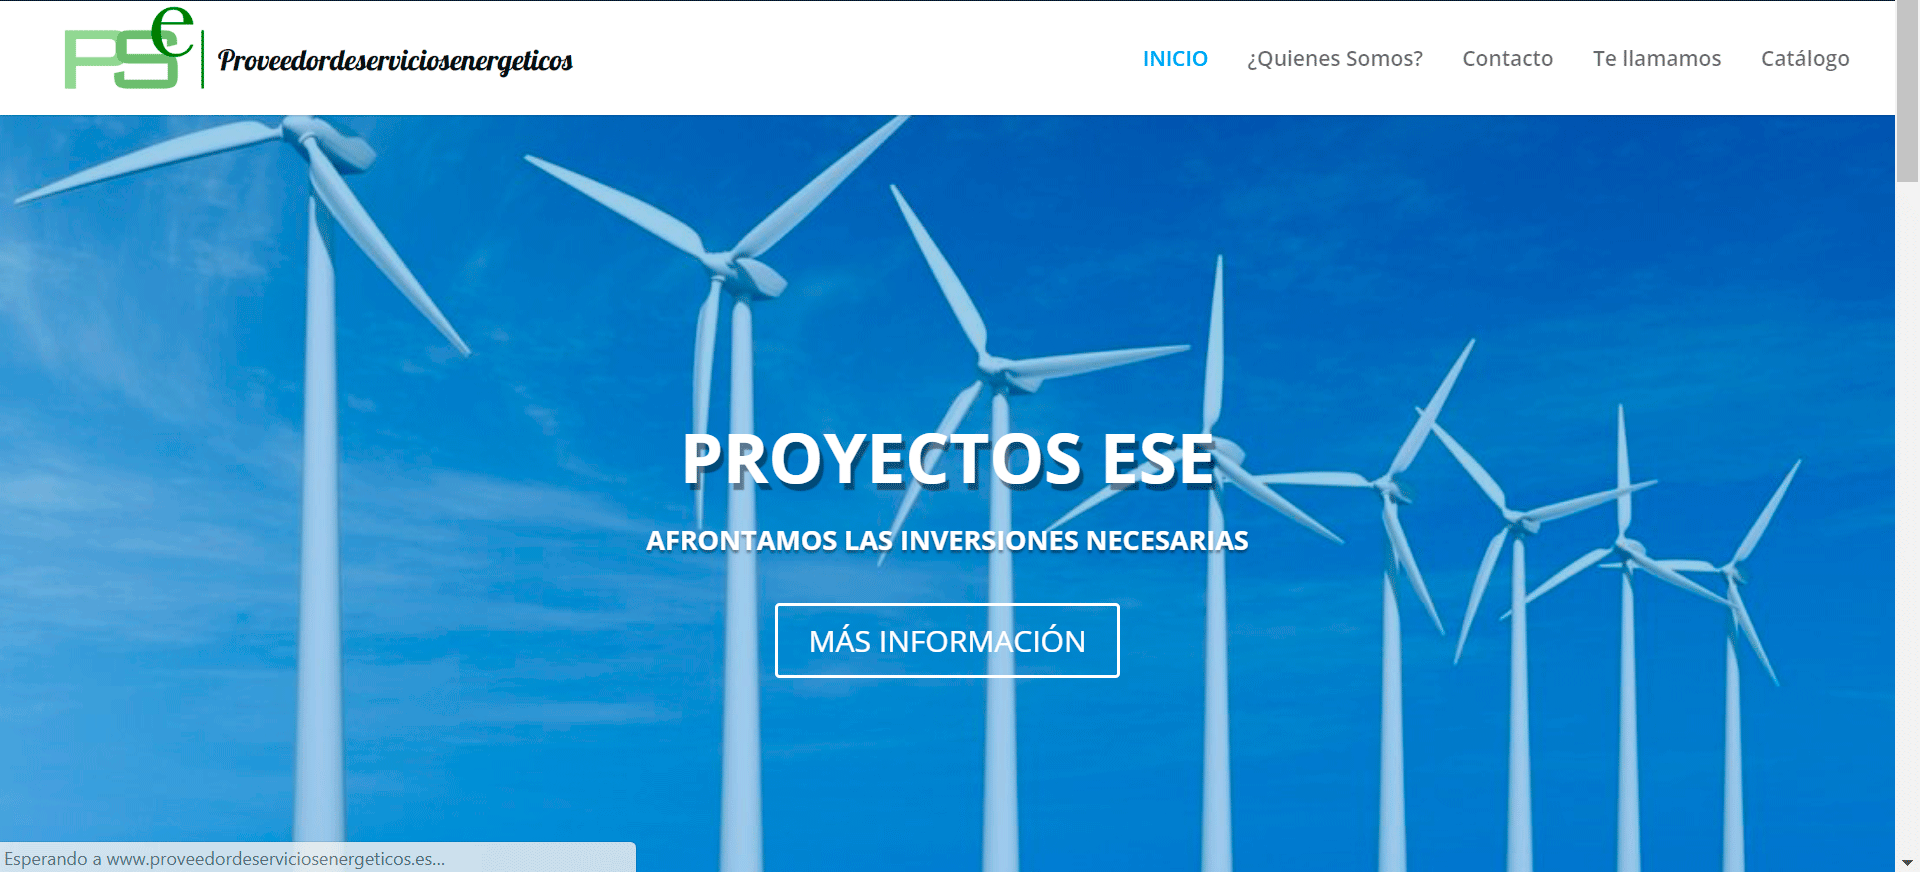 Web proveedores de servicios energéticos